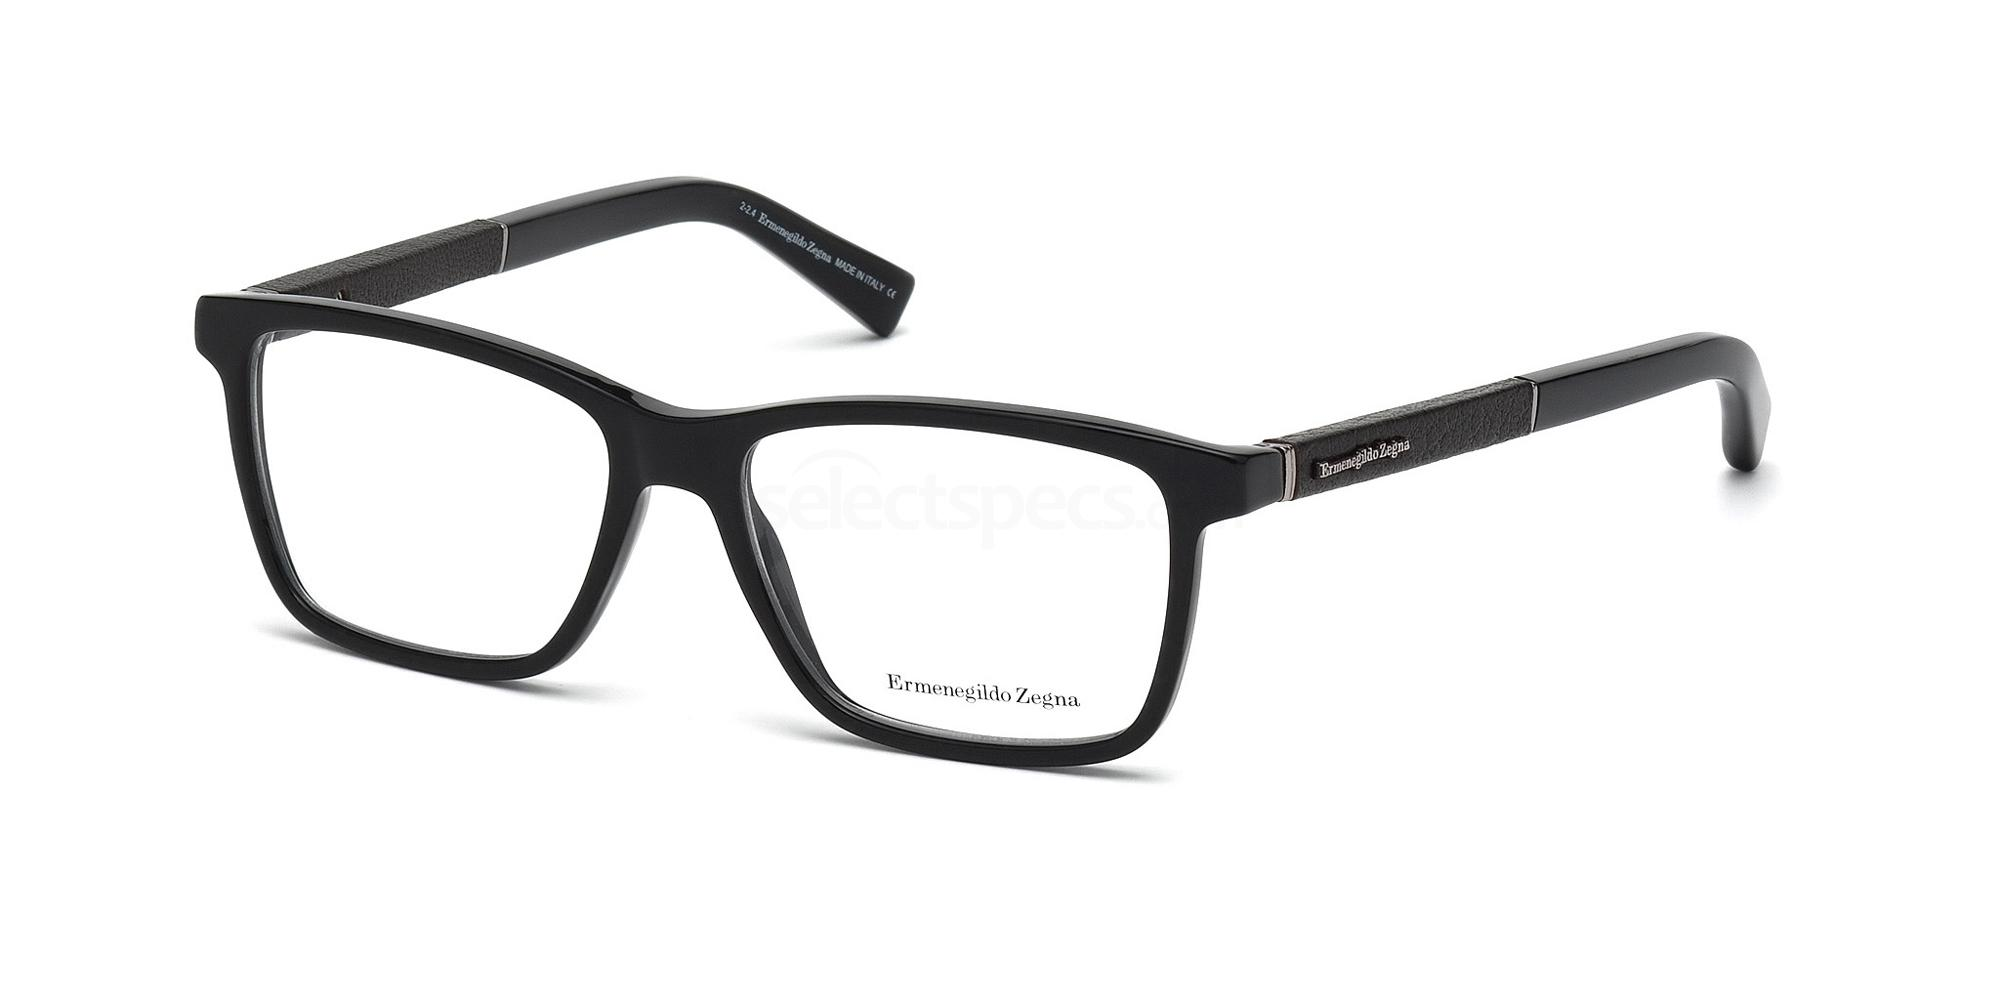 001 EZ5012 Glasses, Ermenegildo Zegna